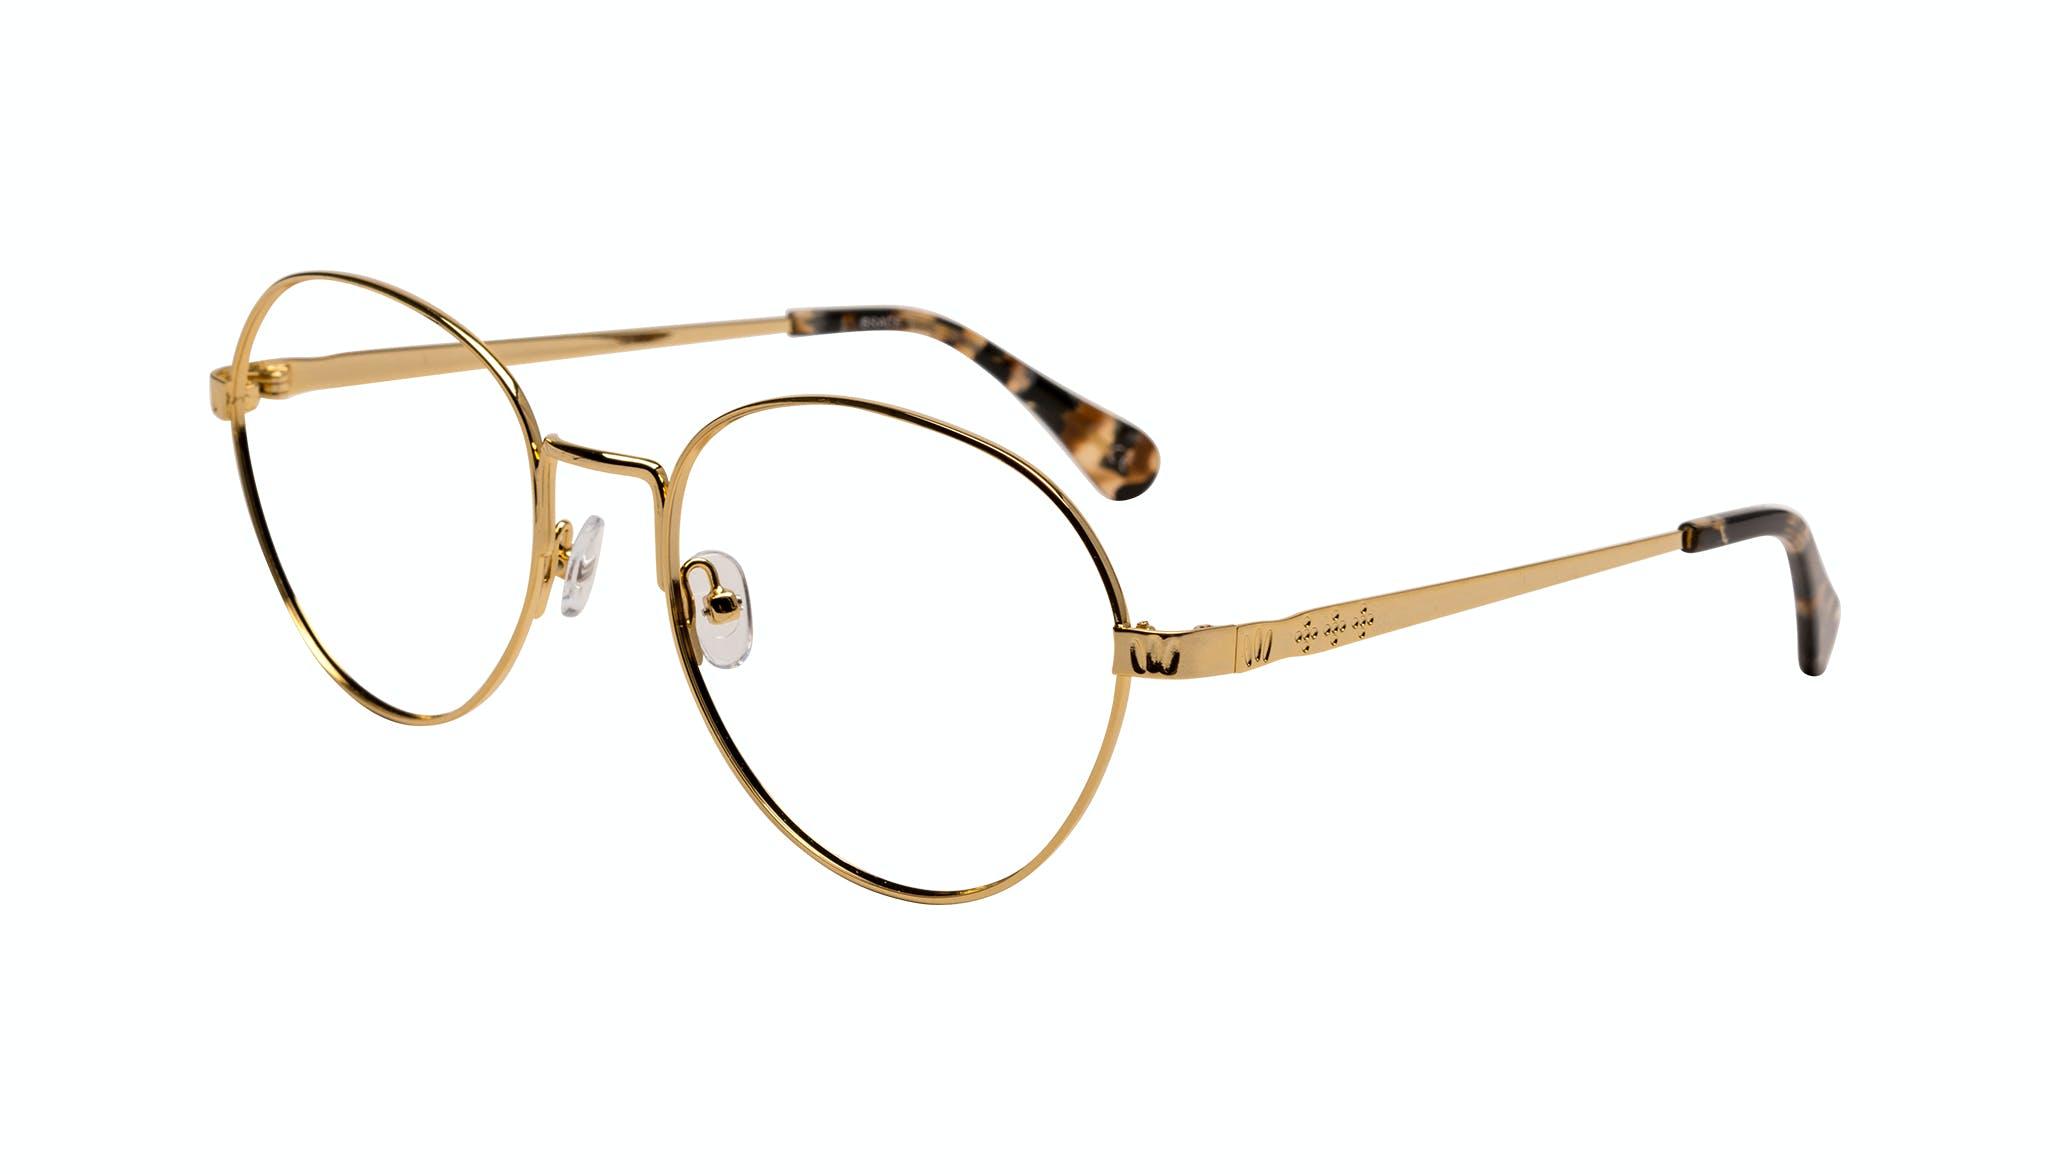 Lunettes tendance Ronde Lunettes de vue Femmes Brace Plus Gold Incliné